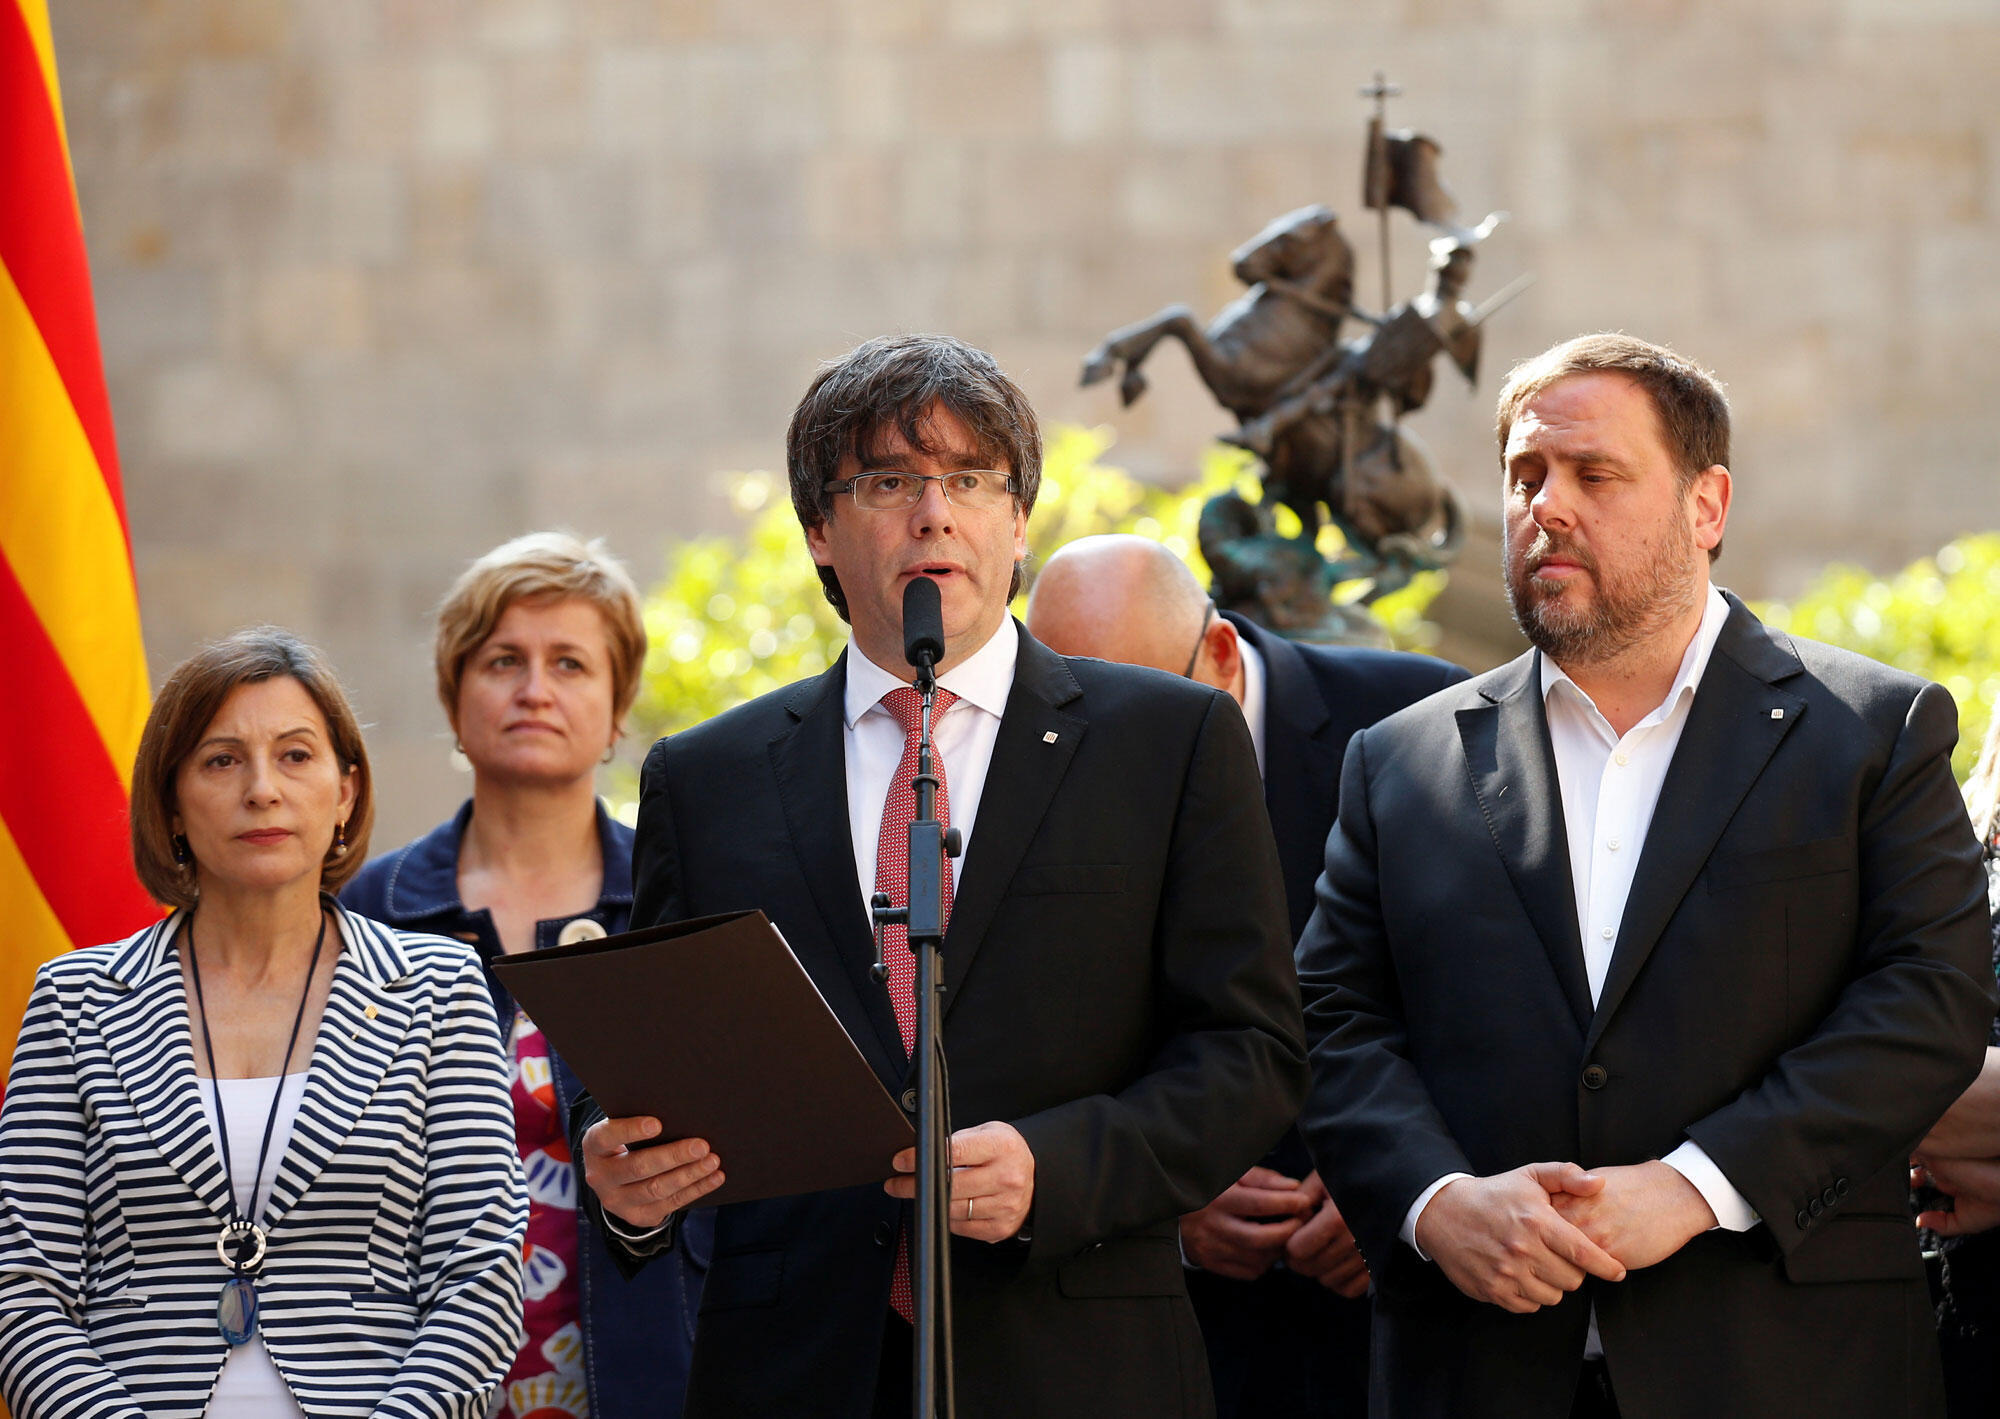 Carles Puigdemont, rais wa mamlaka ya Catalonia (katikati), wakati wa kutangazwa lkura ya maoni ya kujitawala. Barcelona, 9 Juni 2017.